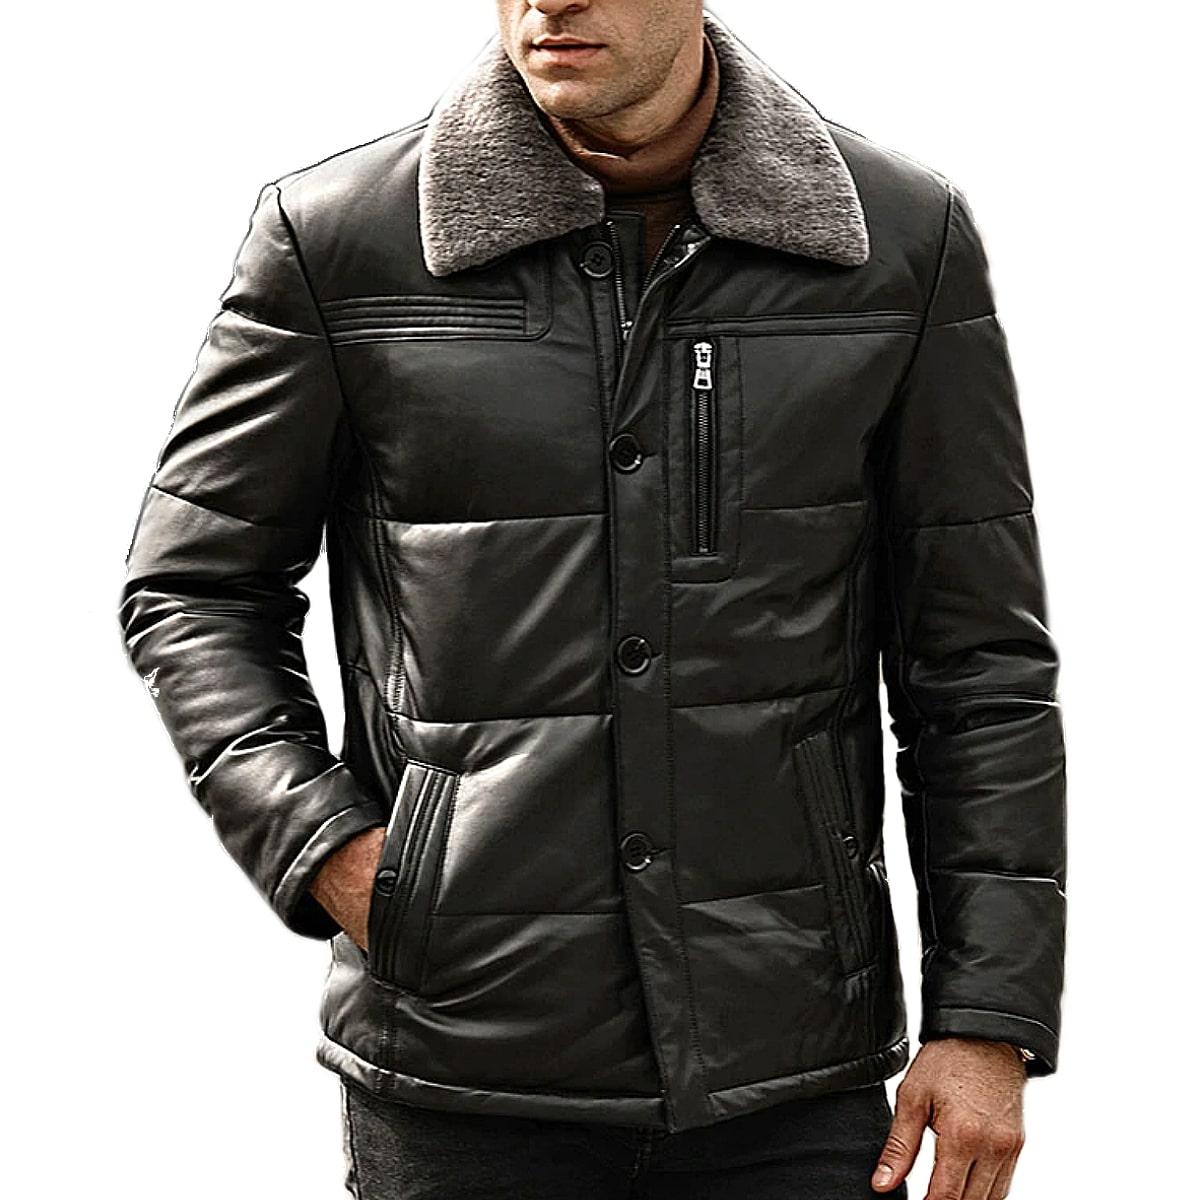 【送料無料!】全10サイズ! [Men's Sheep Fur Collar Black Lambskin Genuine Leather Duck Down Jacket] メンズ シープファーカラー ブラック ラムスキン ジェニュインレザー ダックダウンジャケット! 本革 山羊革 ダウンコート 中綿 羽毛 黒 アウター バイクに!